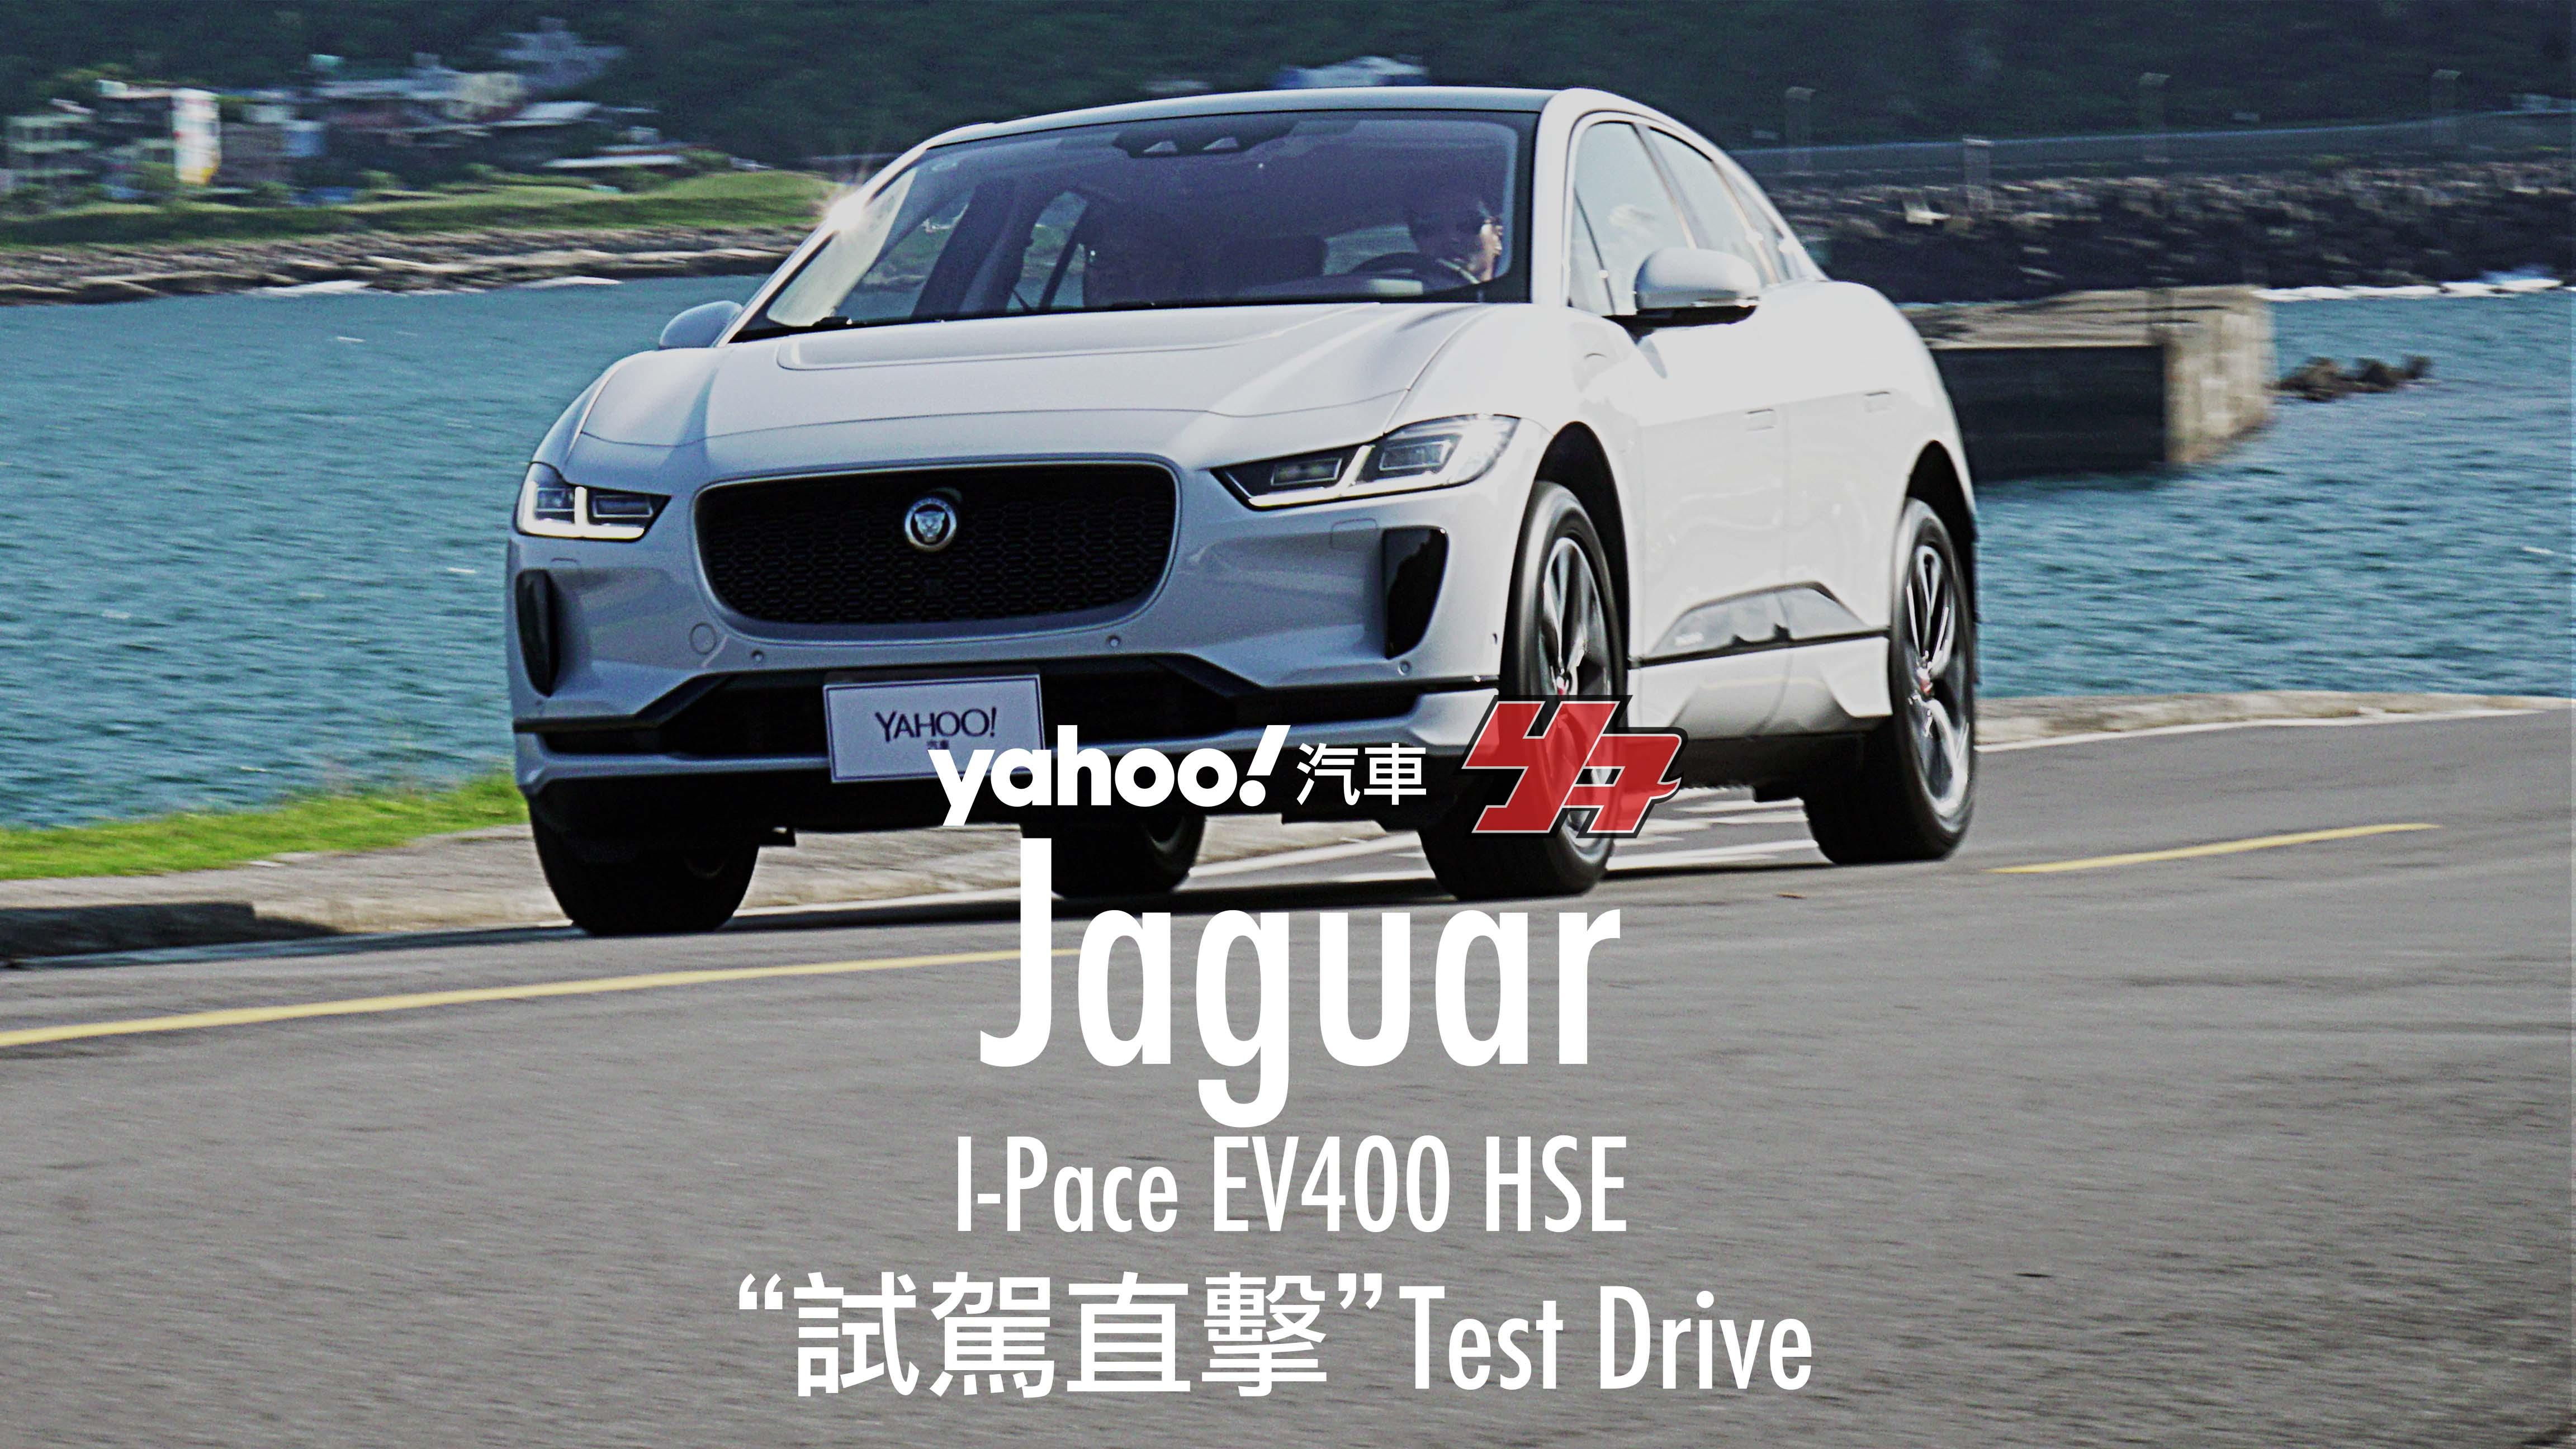 【試駕直擊】展現跑格氣魄的電能豹力!2020 Jaguar I-Pace EV400 HSE海岸試駕